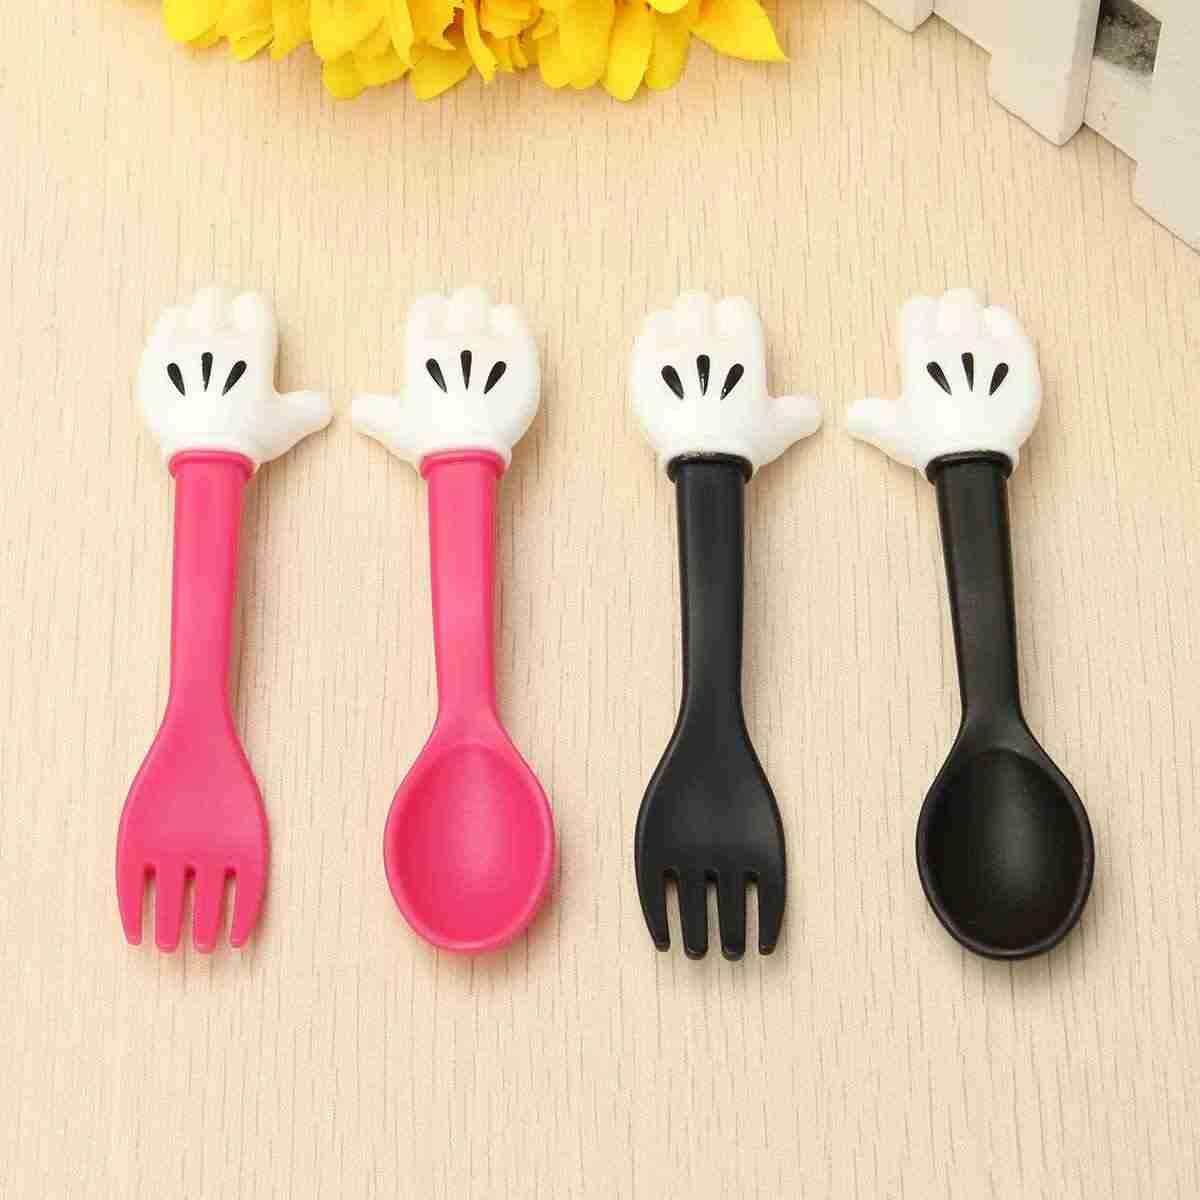 2 цвета, портативная детская изящная вилка, ложка, мышь, столовые приборы, детская кормушка, посуда для малышей, столовая посуда, посуда